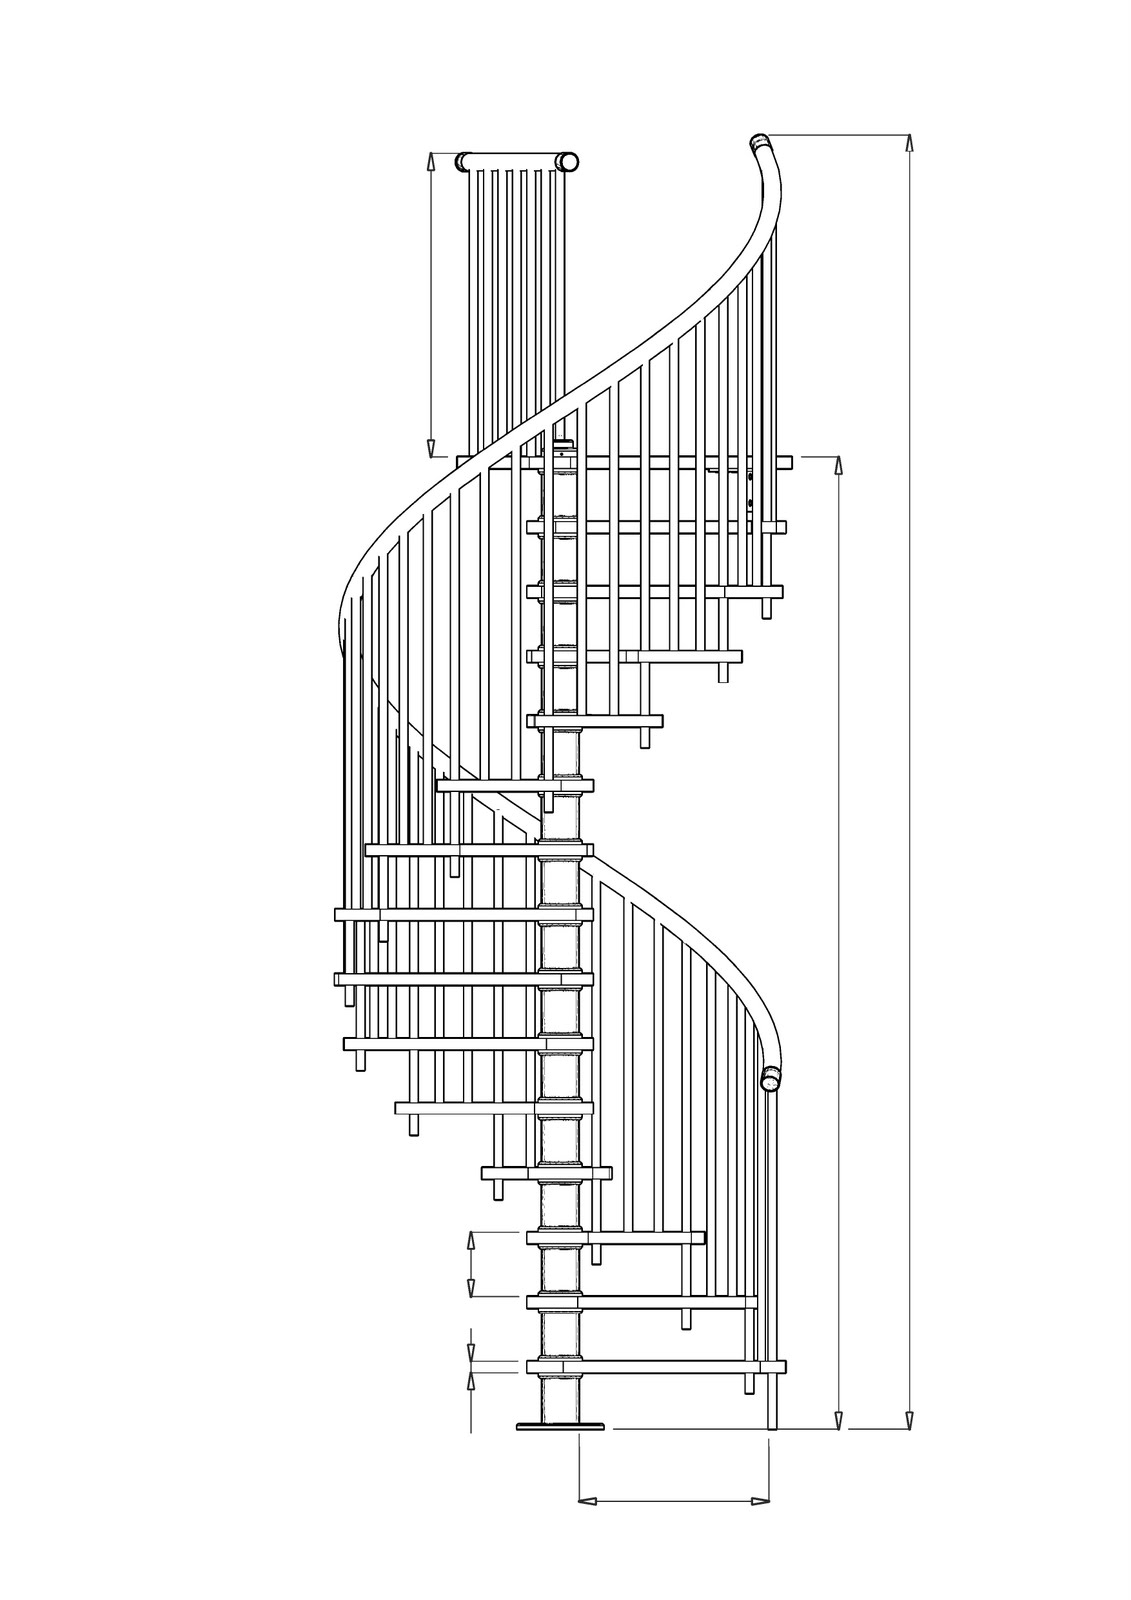 Ngel Nicol S Abril 2010 ~ Dimensiones Escalera De Caracol